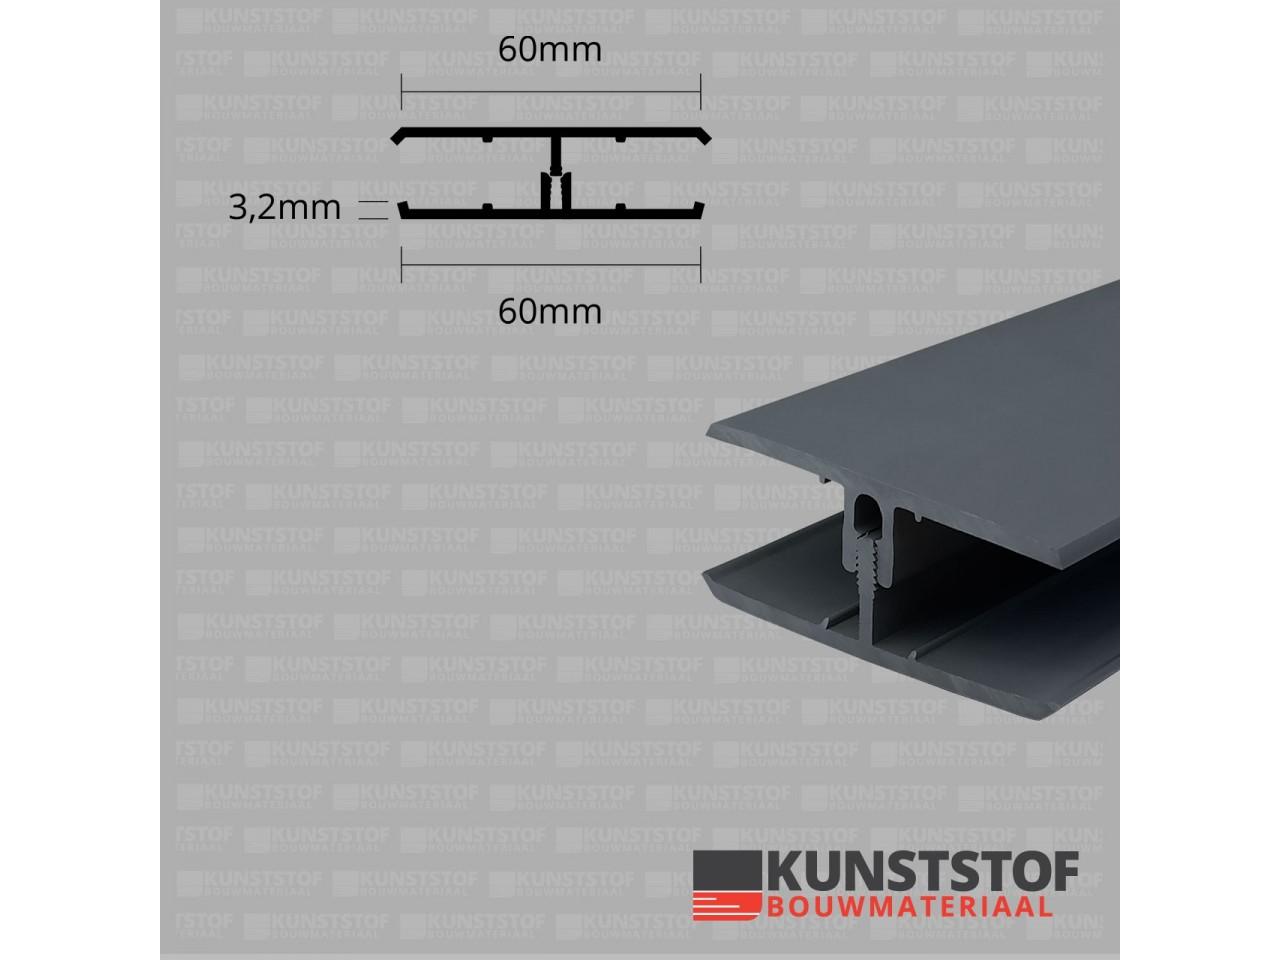 Eurotexx Dubbel Rabat - potdeksel 50mm verbindingsprofiel 2 delig kunststof gevelbekleding profiel in de kleur antraciet ral 7015 donker grijs zwart